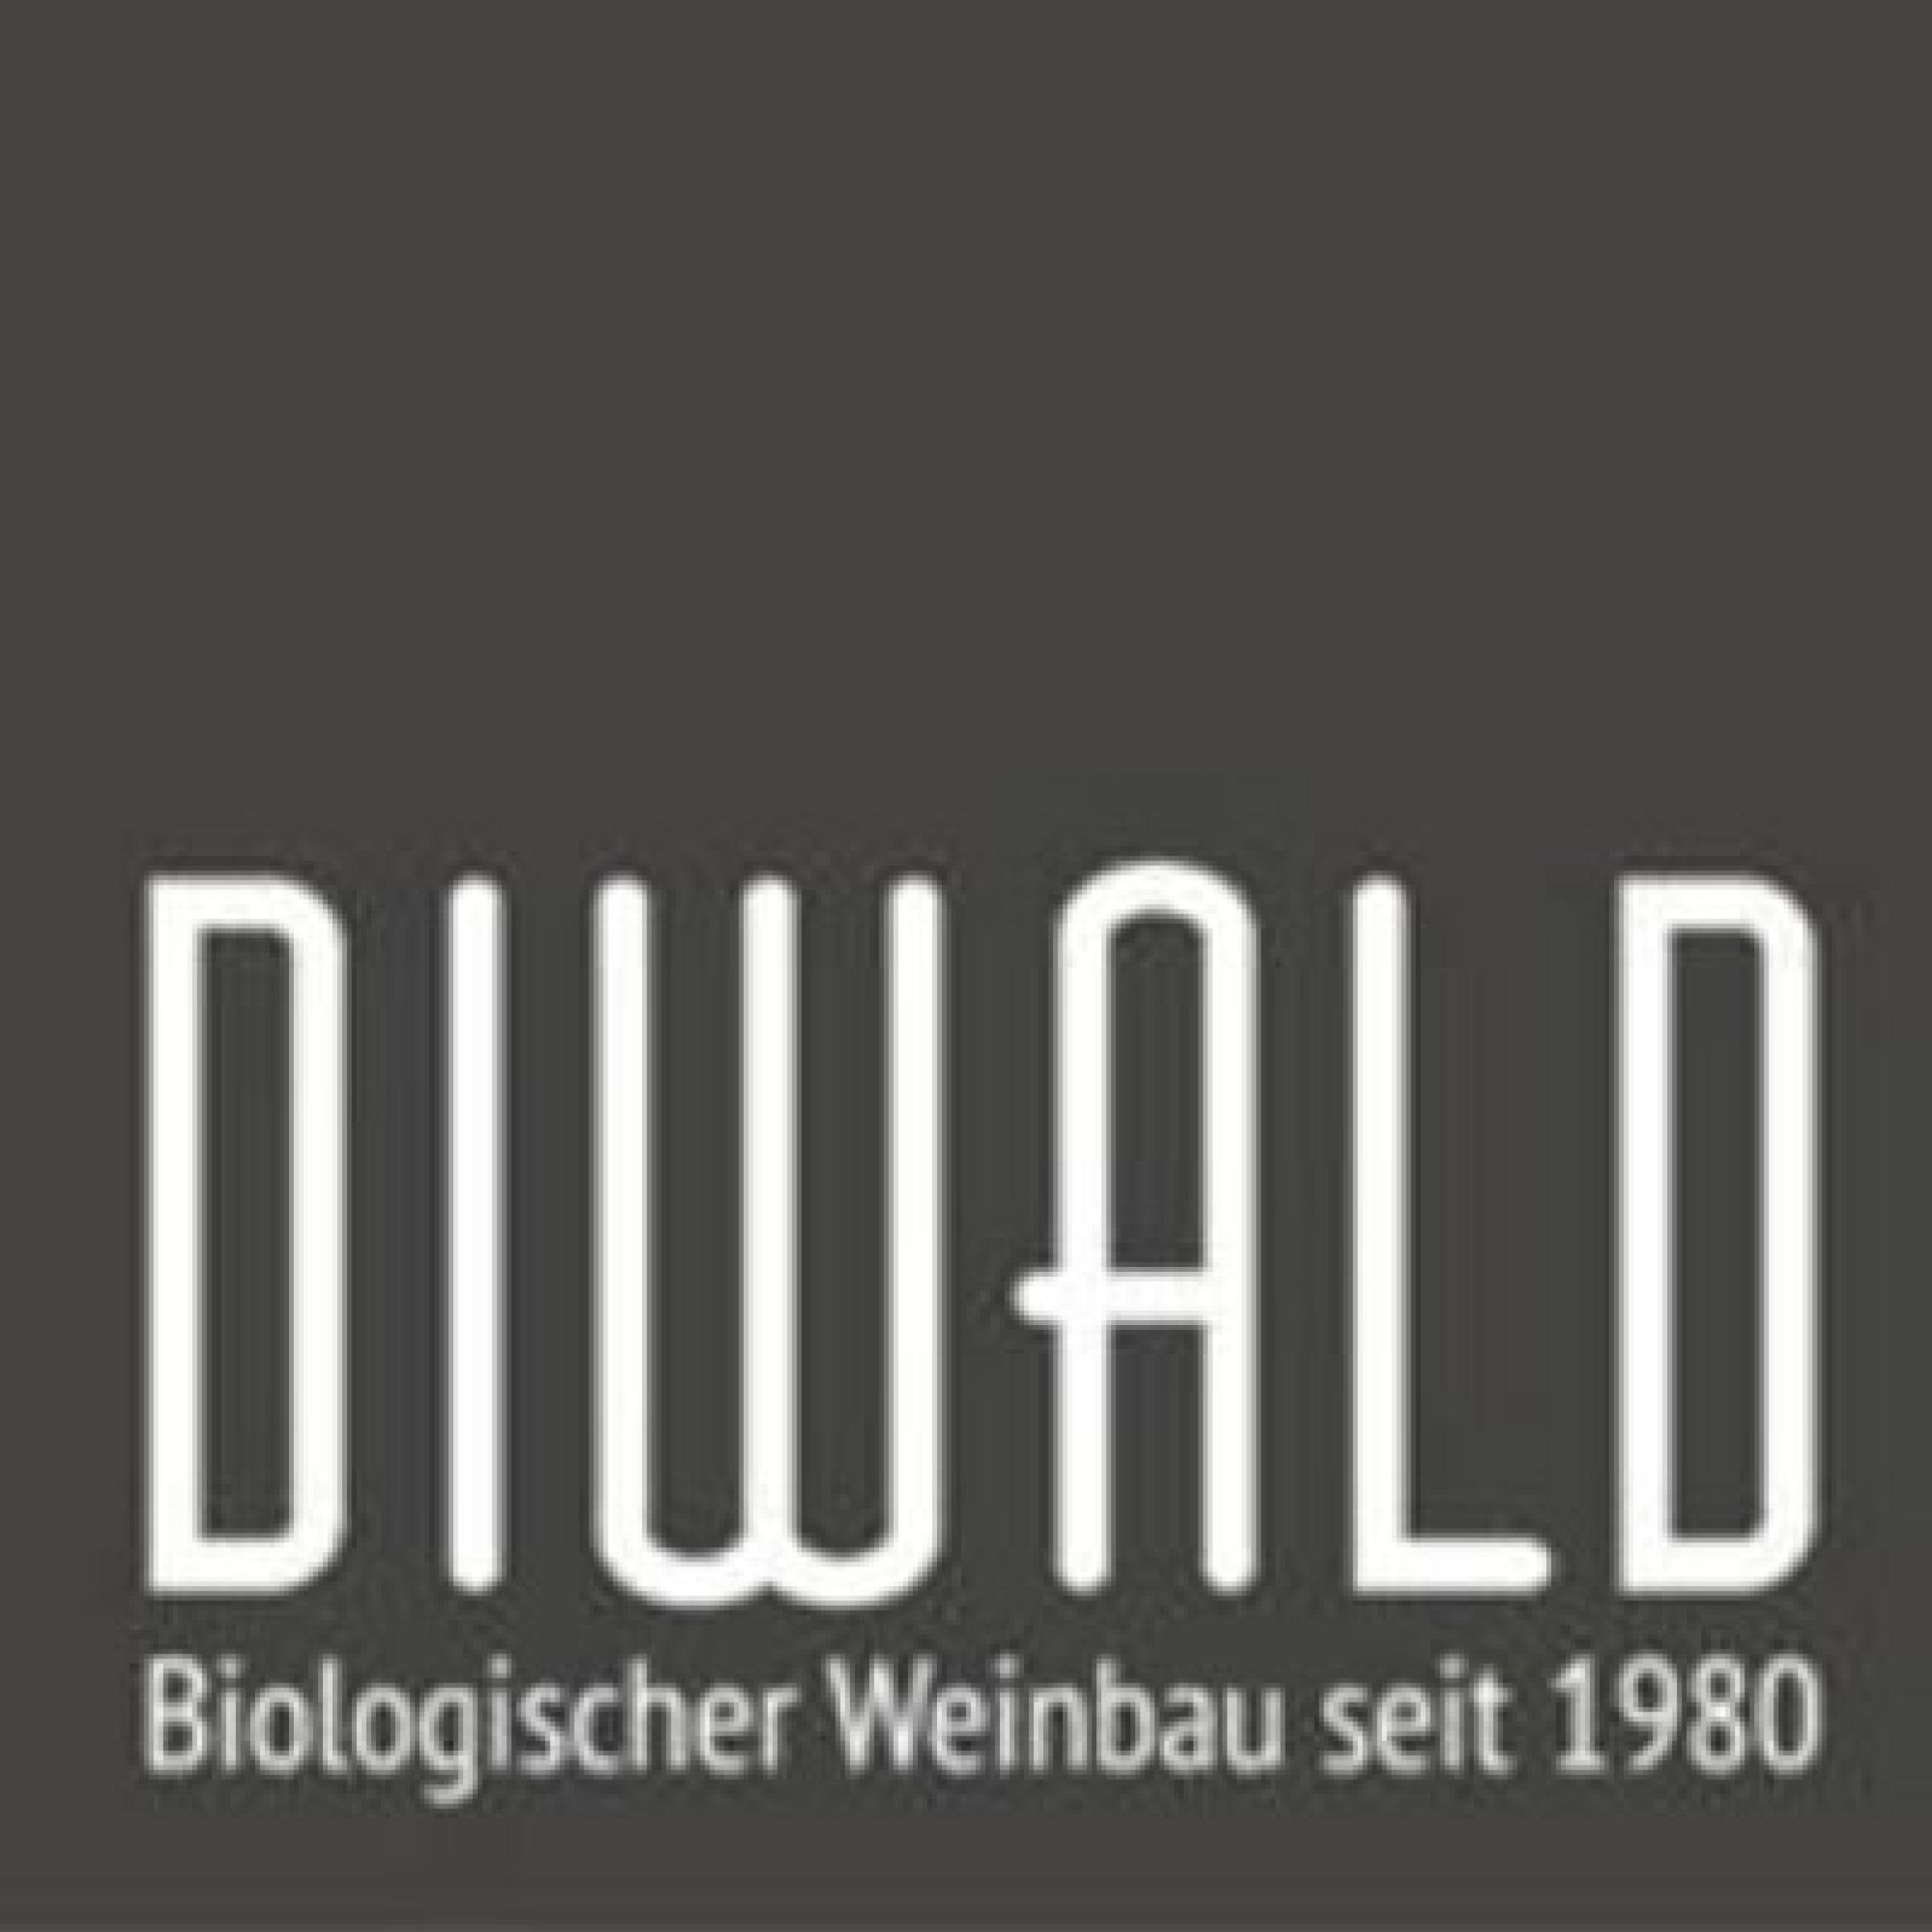 Weingut Diwald